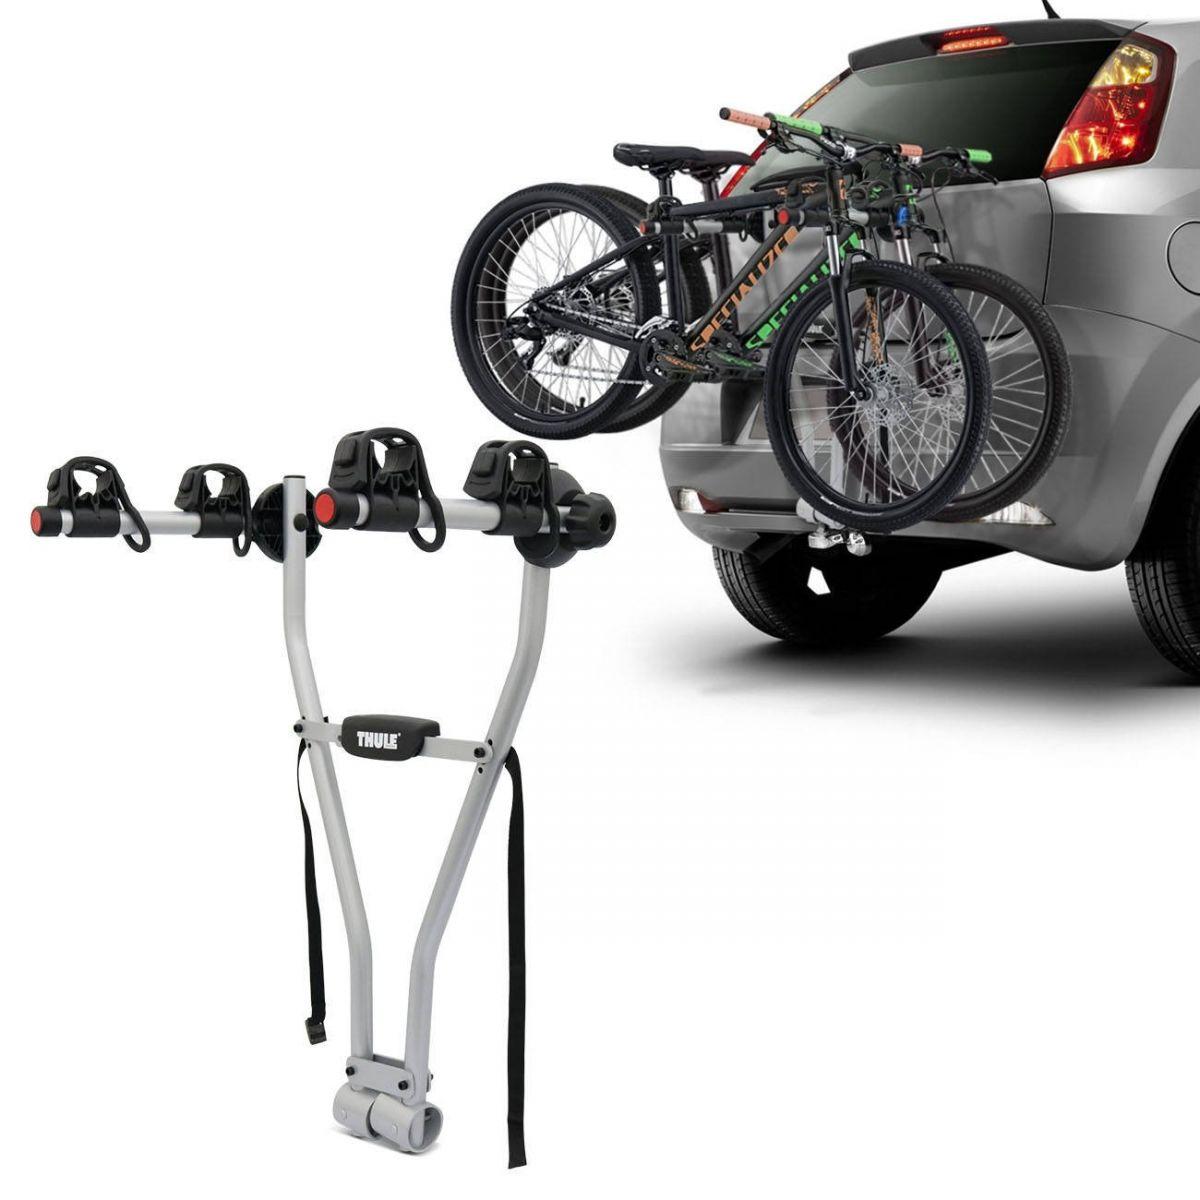 suporte para bicicleta traseiro encaixado no engate com duas bikes em um fiat punto